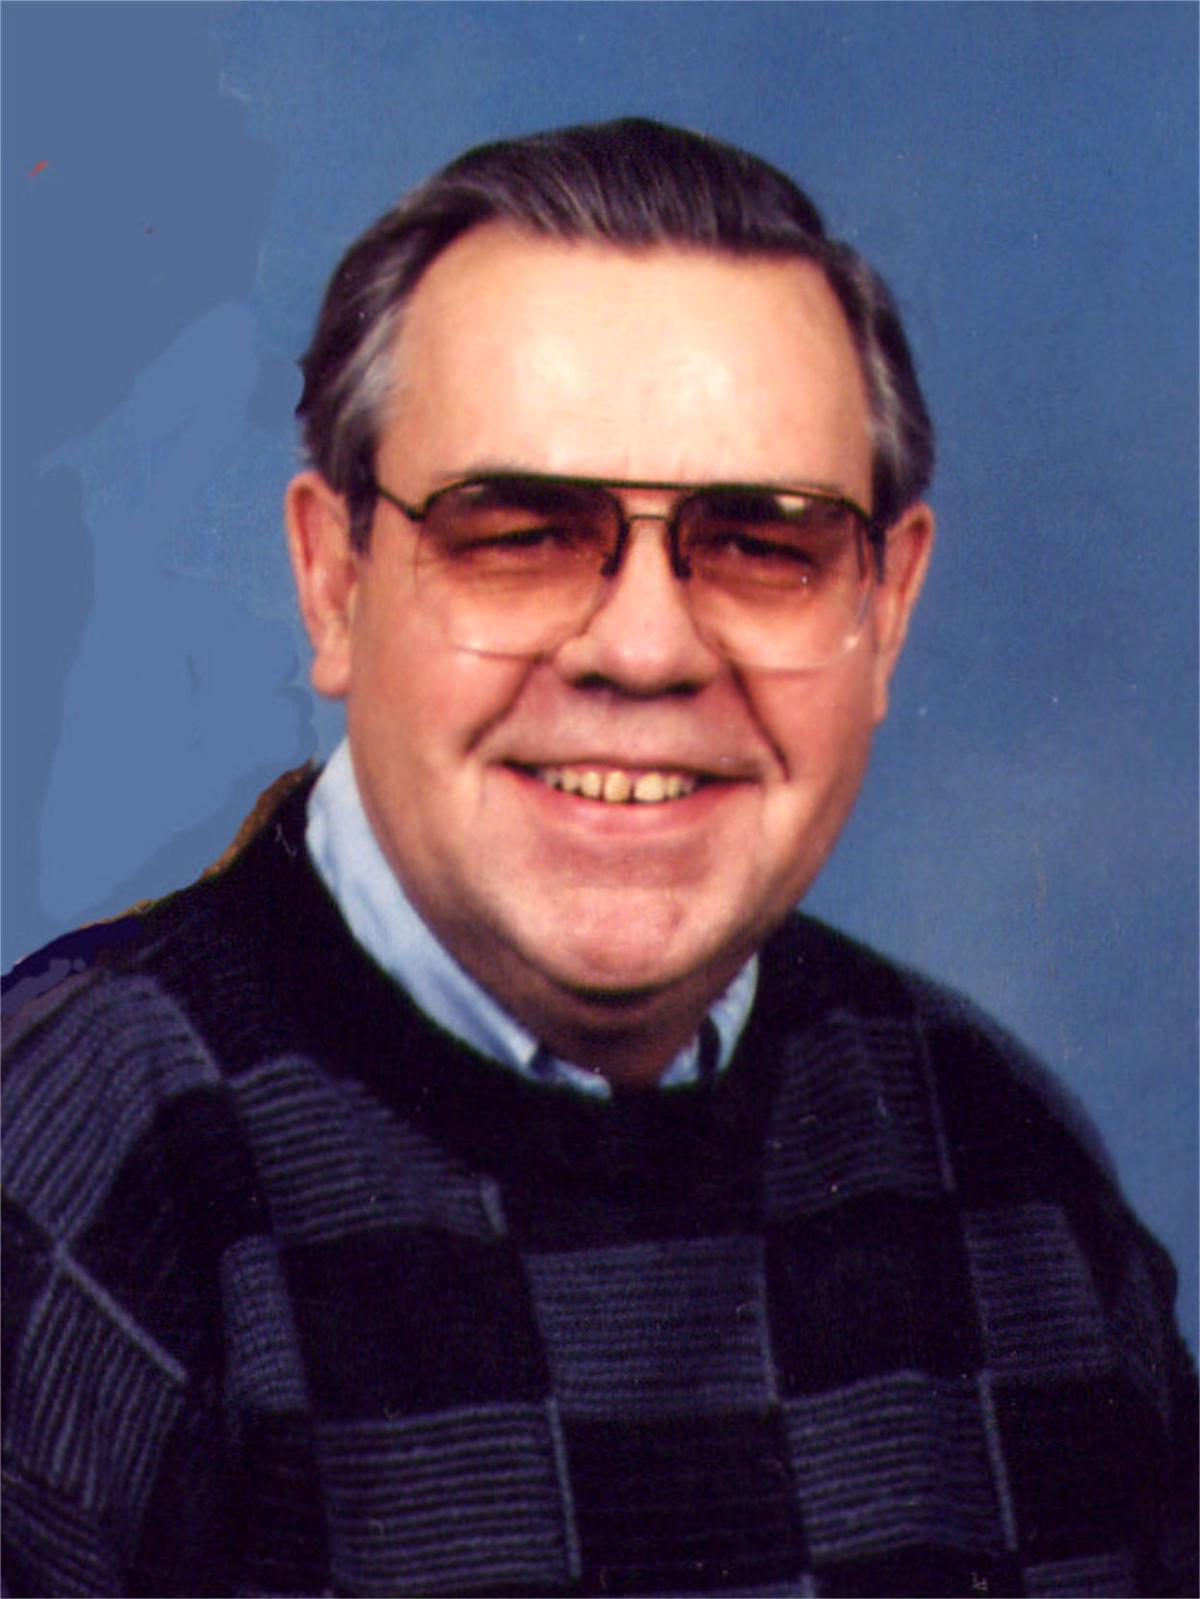 Carson Edward Johnson